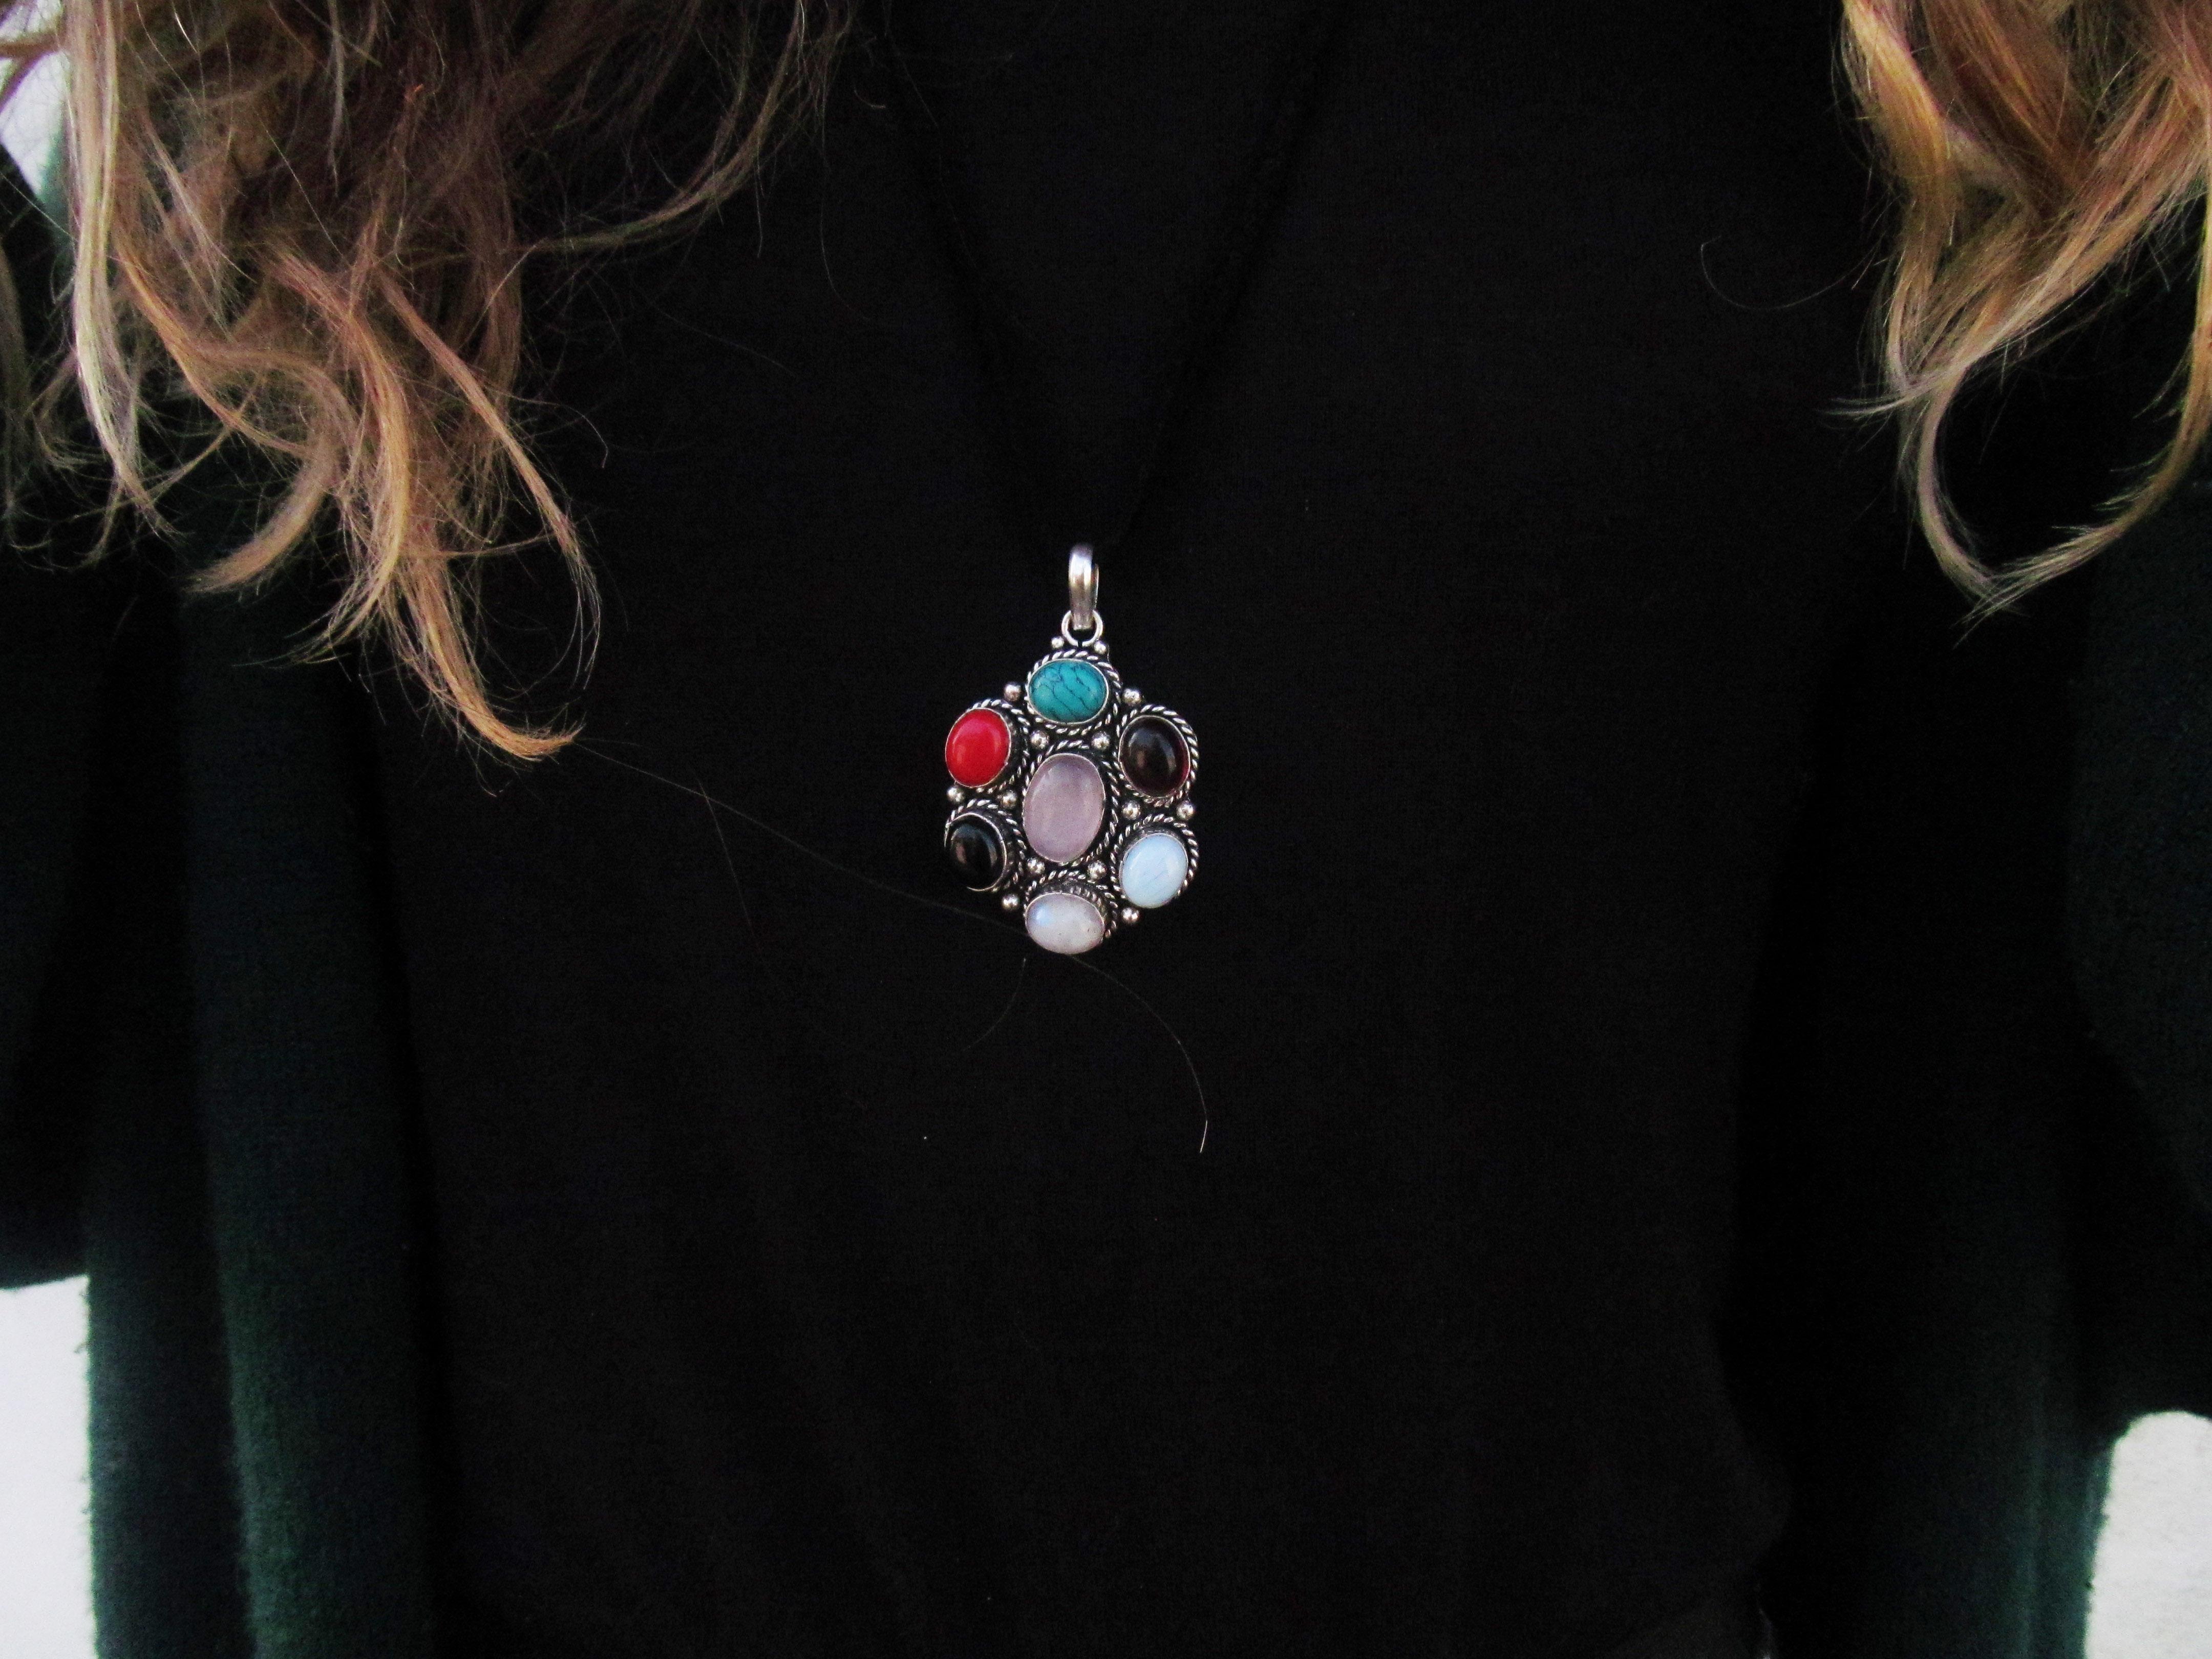 Waiste Necklace / Jessthetics